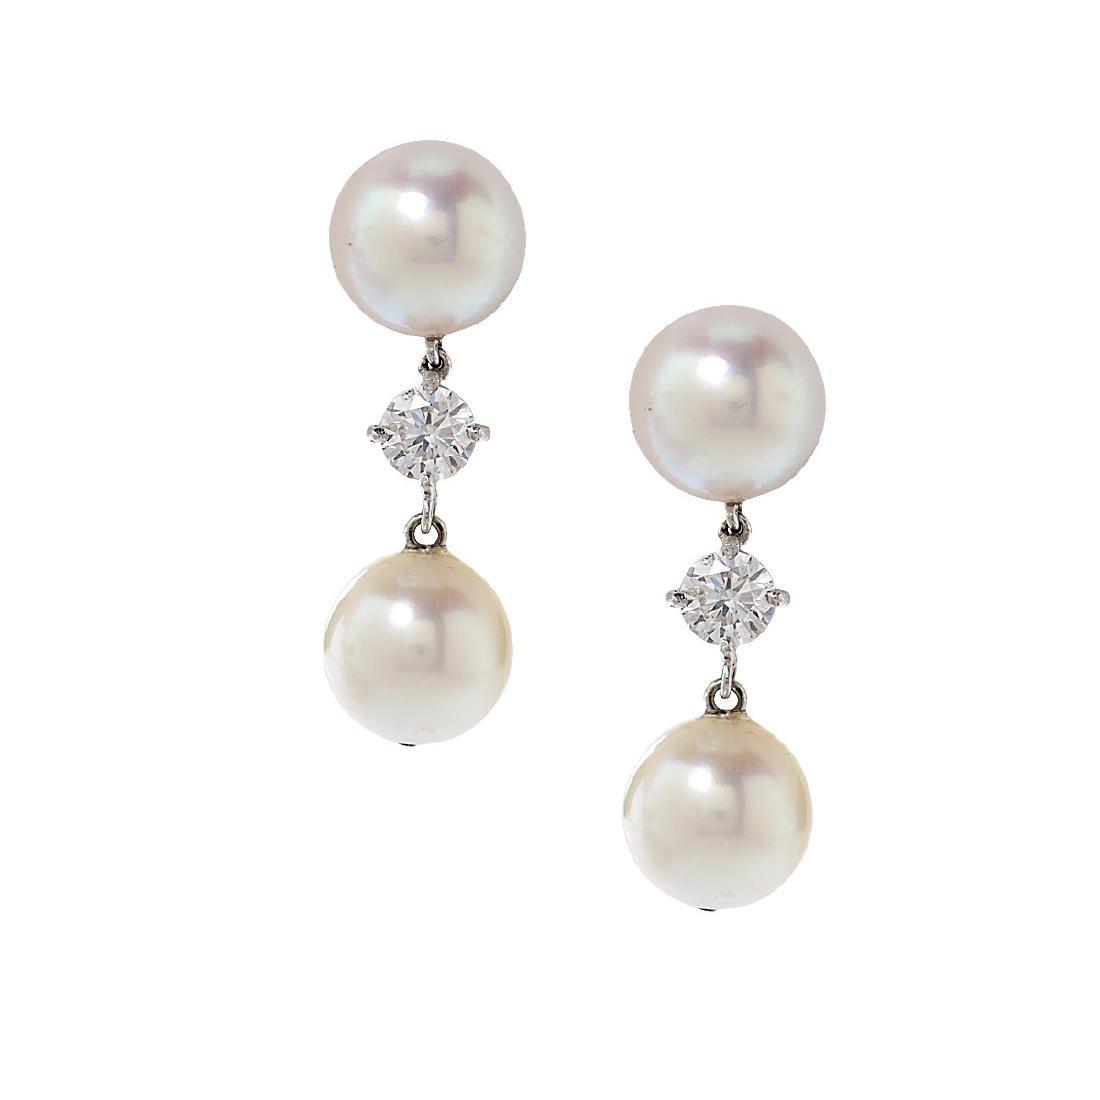 14K White Gold Diamond Pearl Earrings